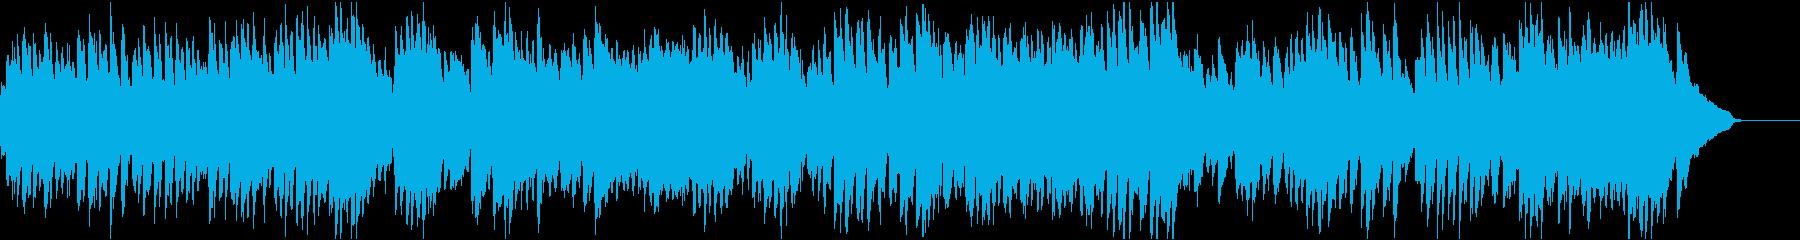 バッハ_インヴェンション第4番_ピアノの再生済みの波形